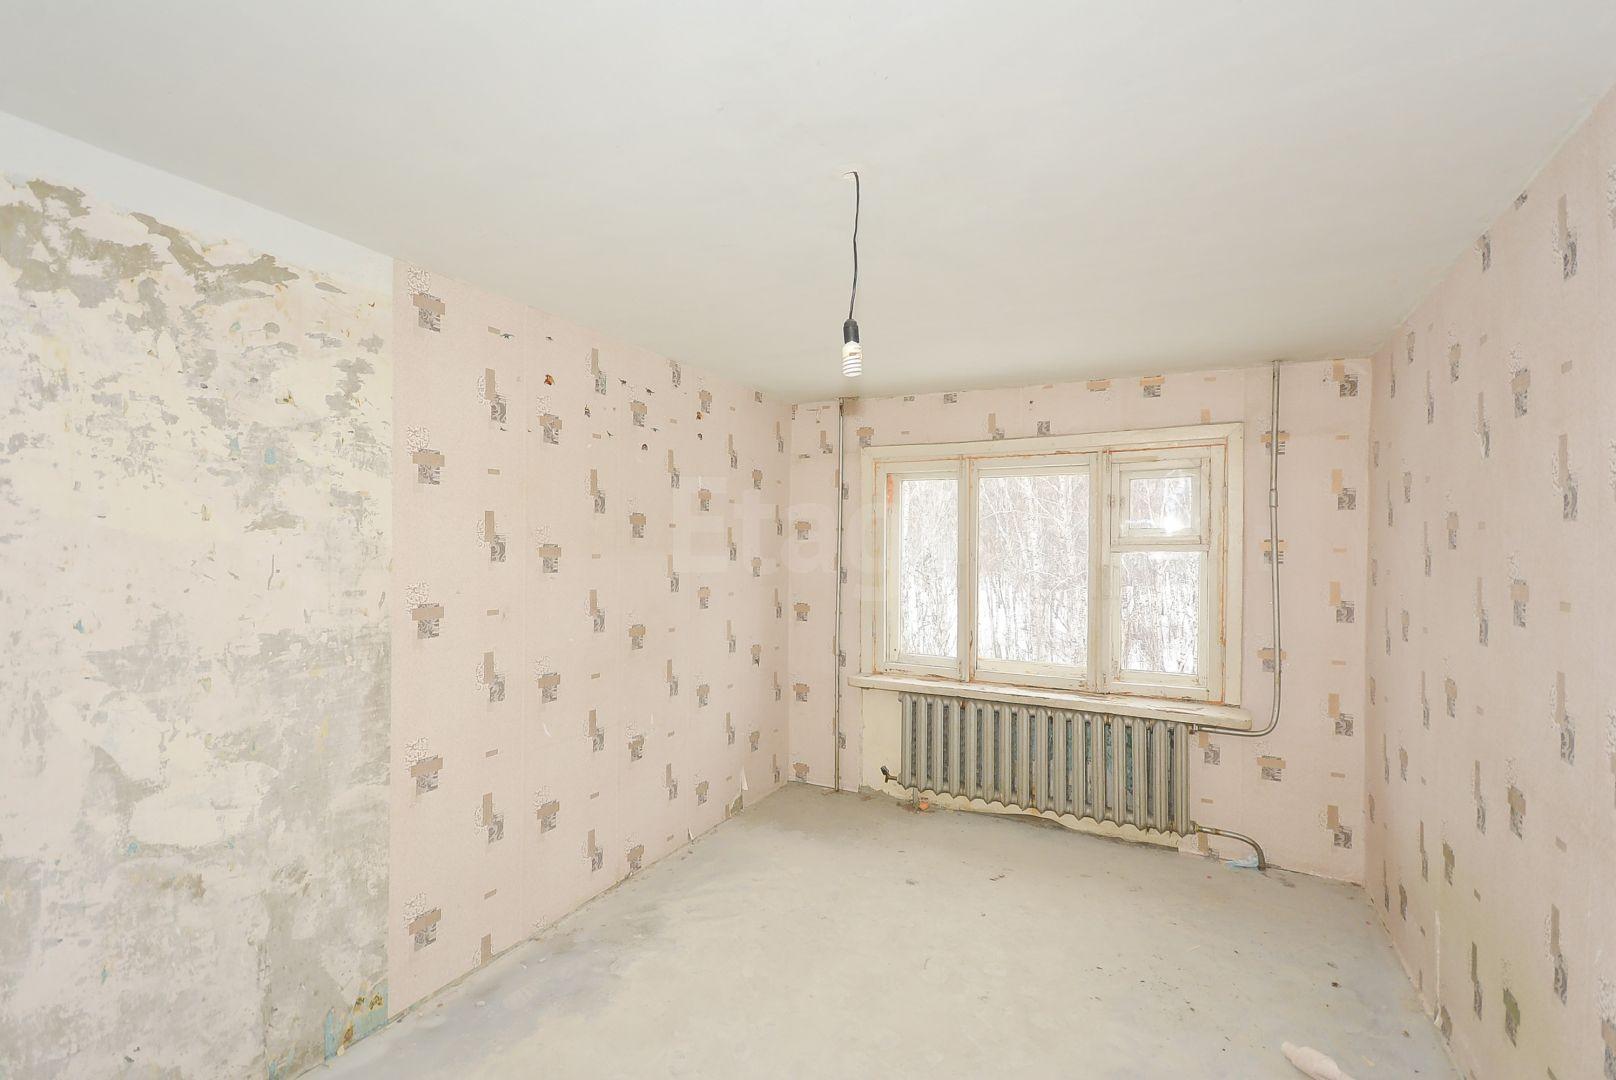 2c5404826fb1d Покупка двухкомнатной квартиры, улица Метелевская, 4 в Тюмени, 2953300